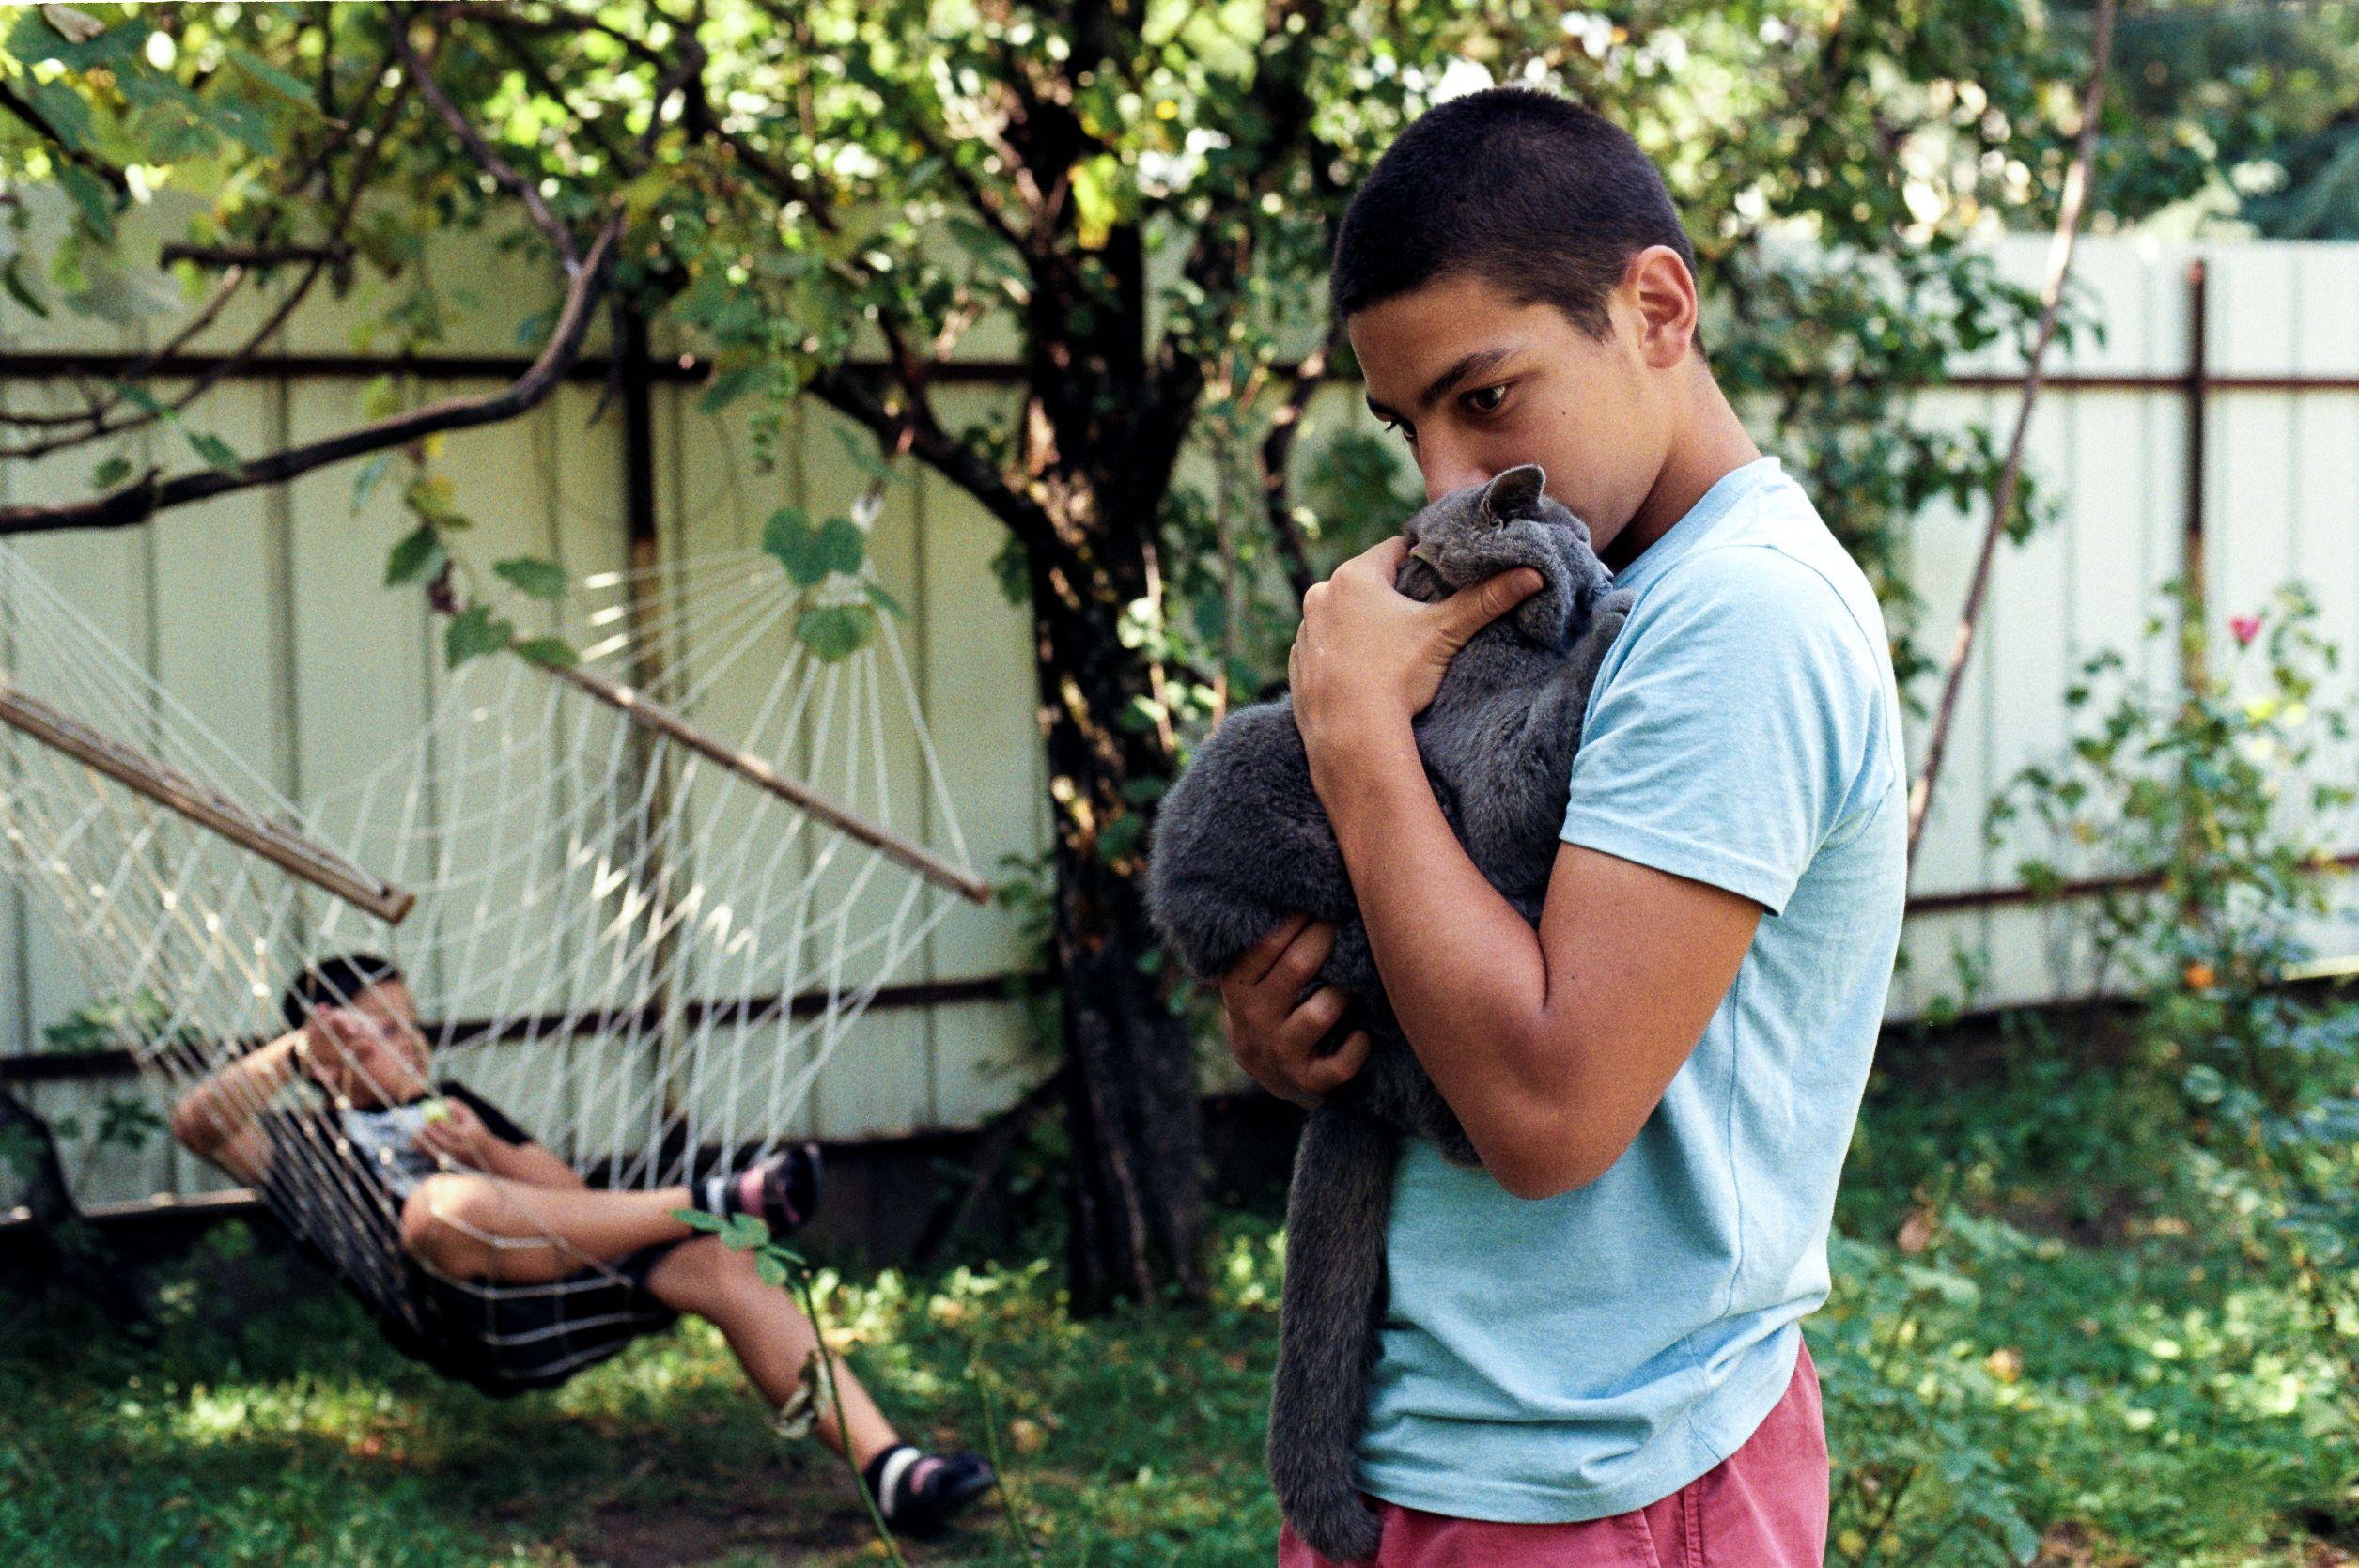 ეთო ამბობს, რომ მის შვილებზე ცხოველებმა მაშინვე დადებითი გავლენა მოახდინეს.